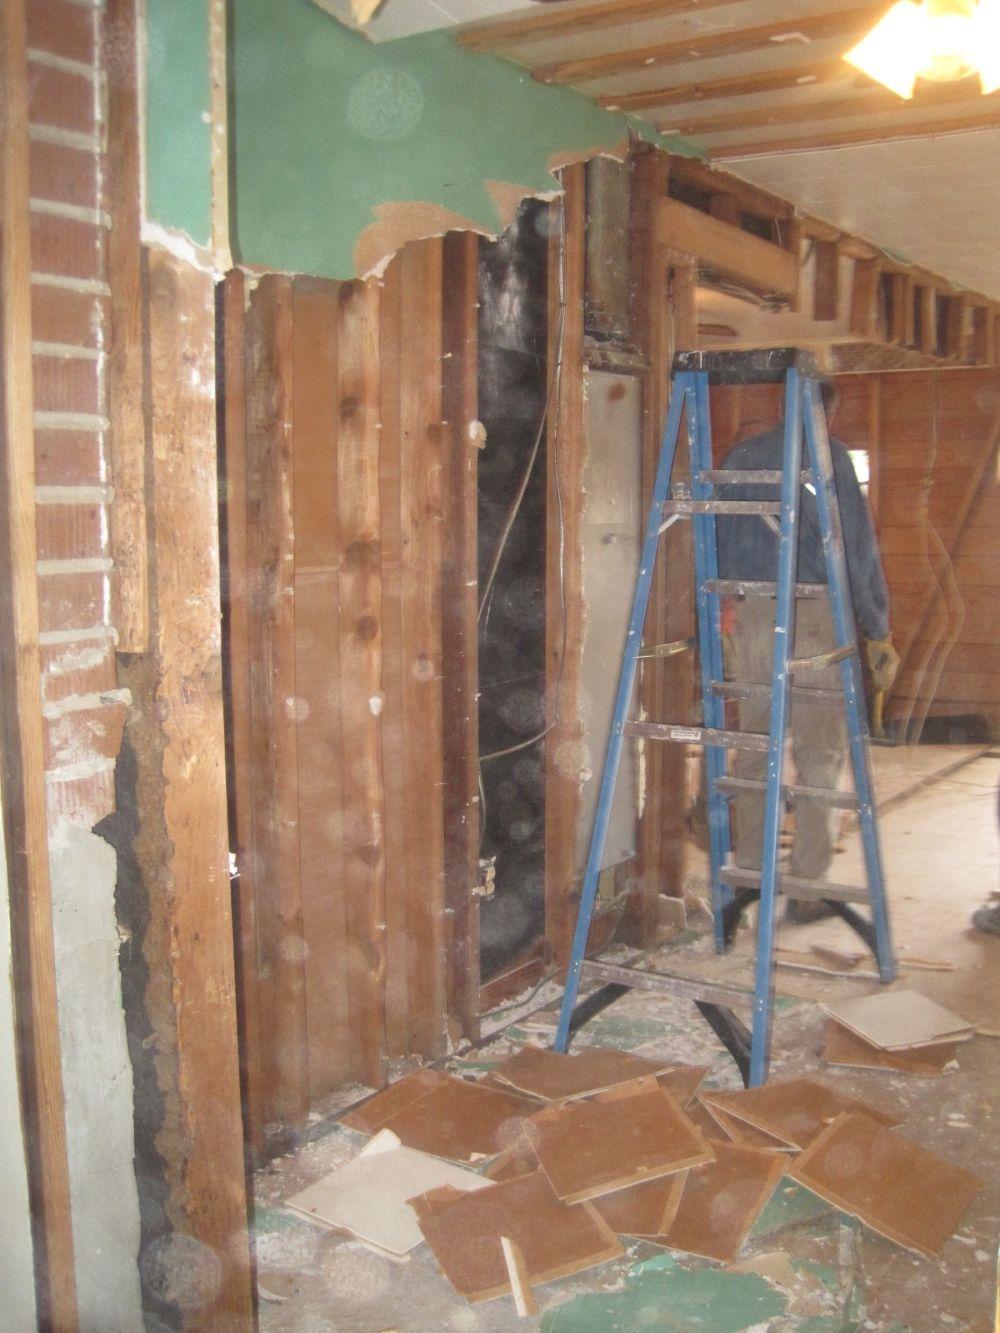 M - Demolition, ladder